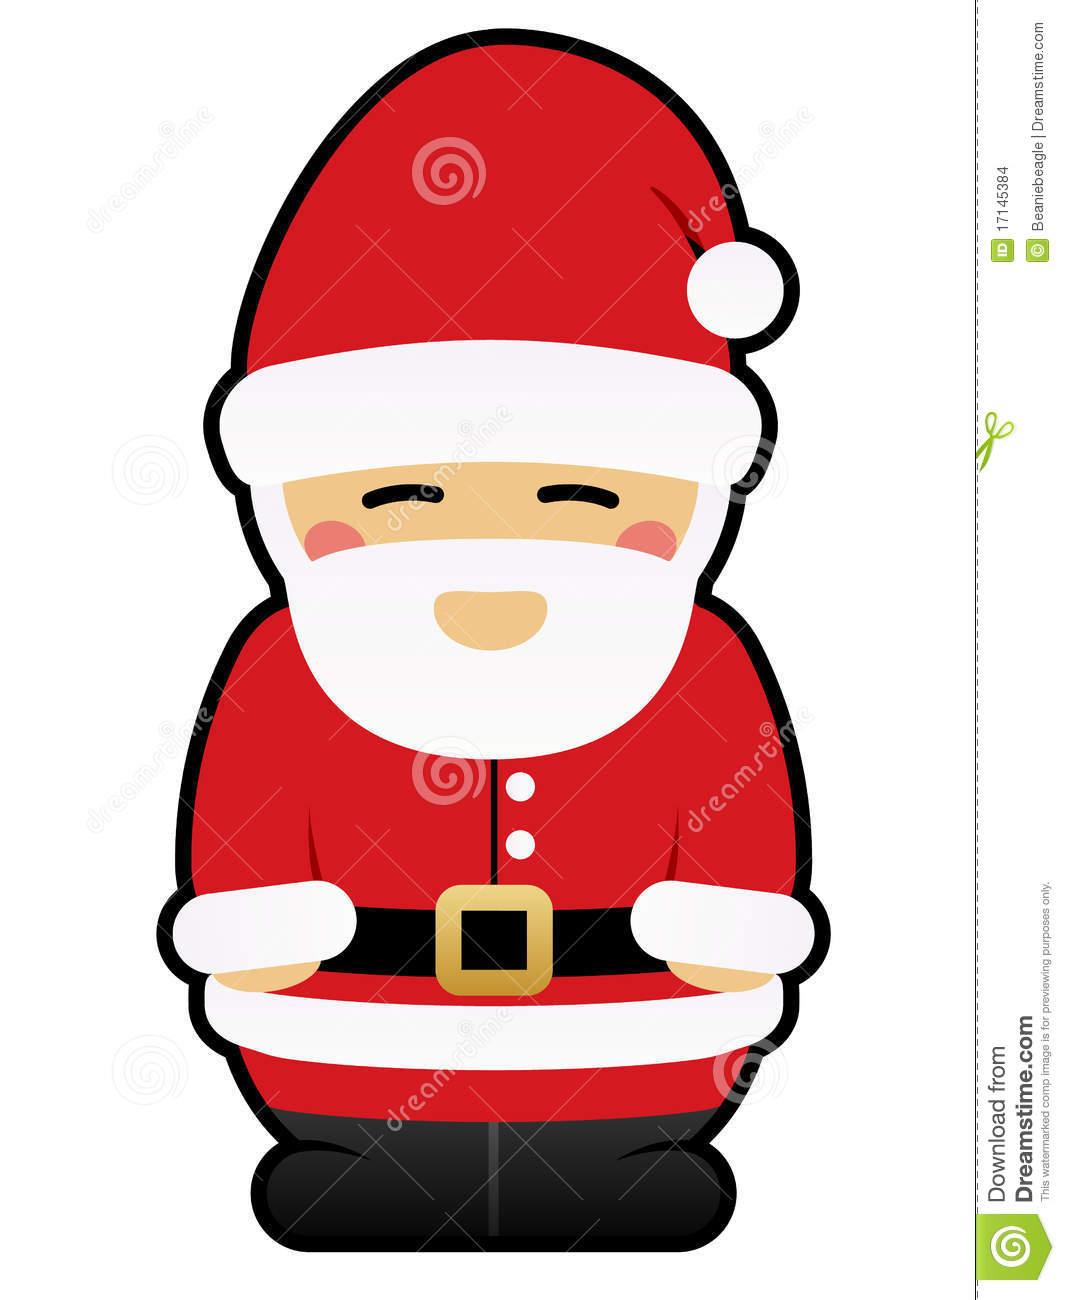 cute santa clipart clipart suggest cute santa clip art black and white cute santa clipart